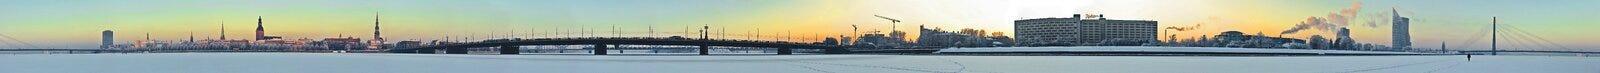 Панорама города Риги Стоковые Фотографии RF